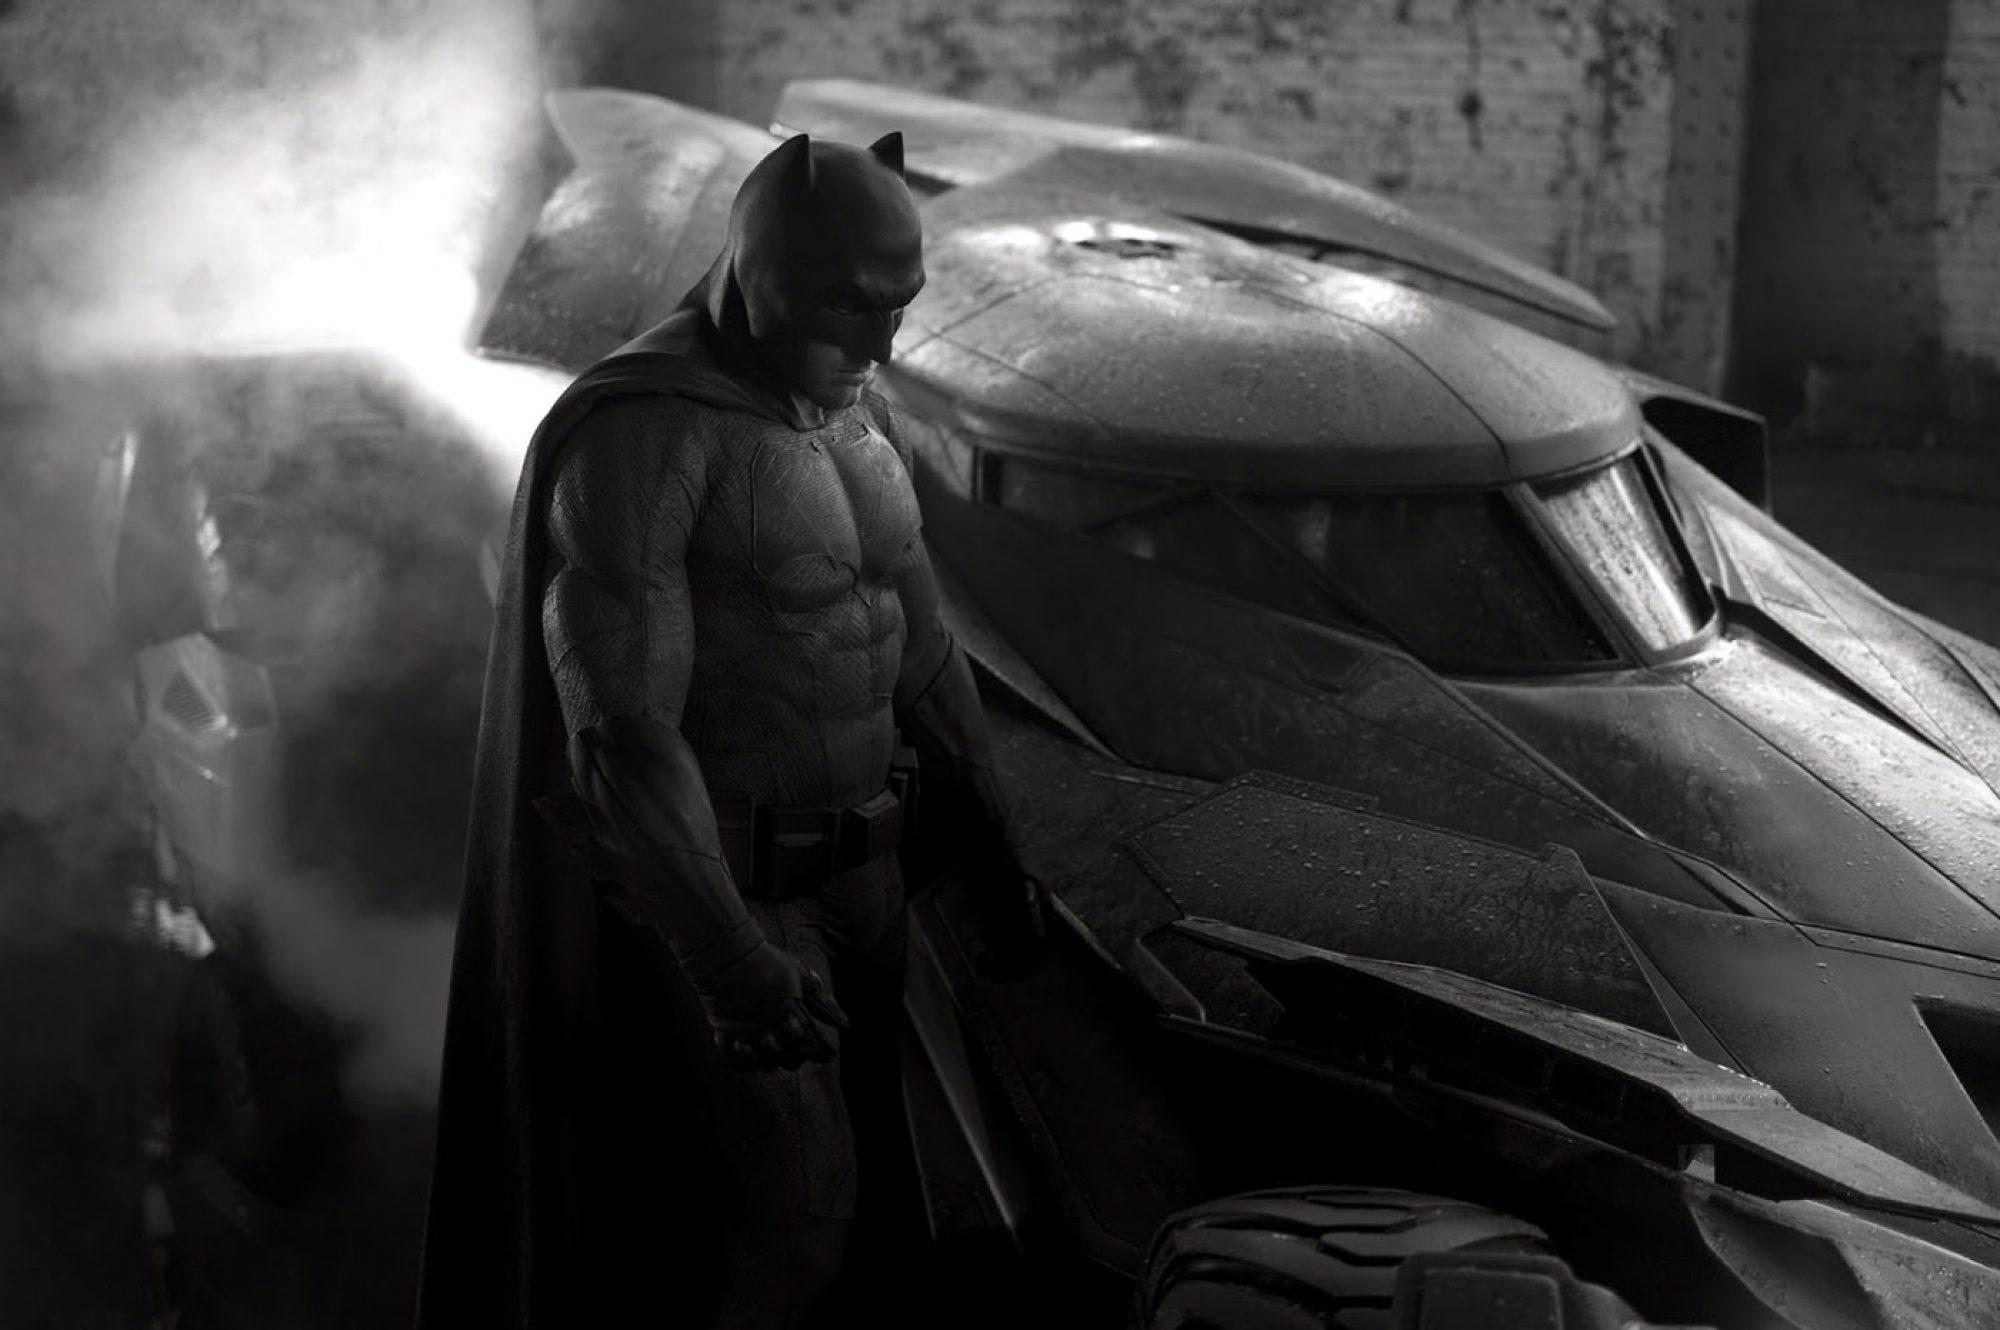 Babl Batman